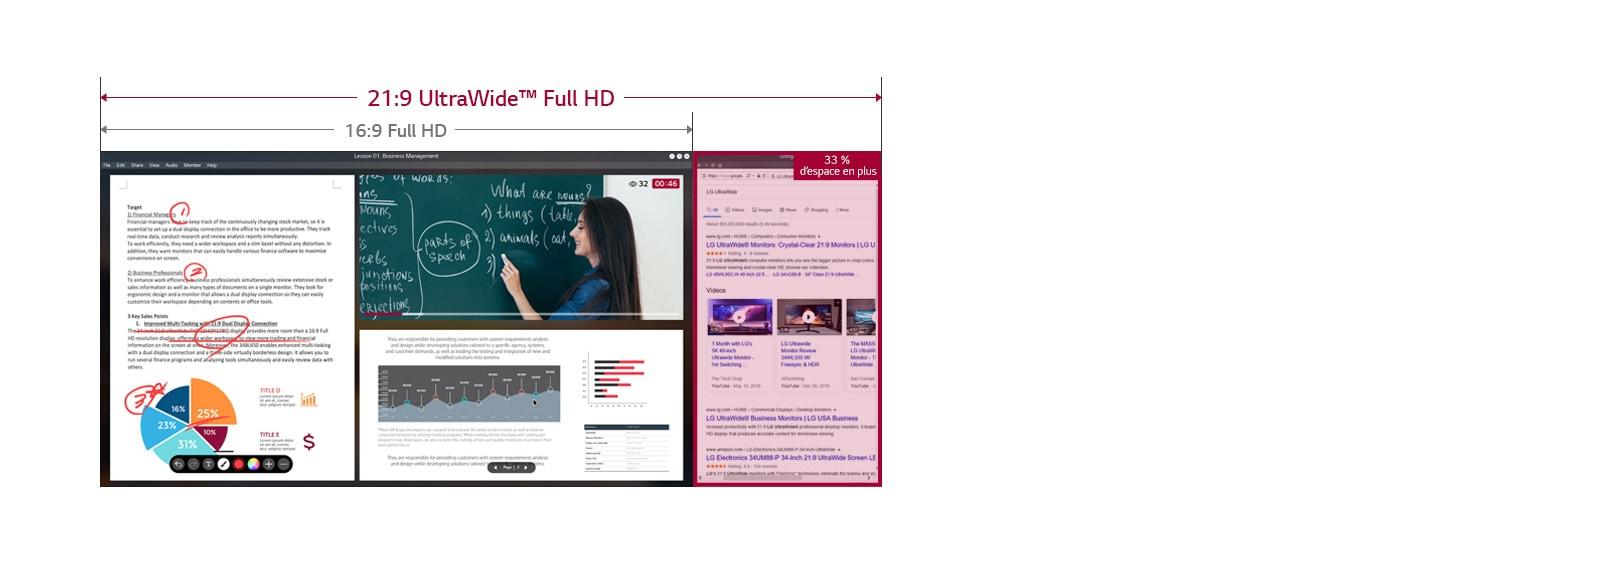 Image de l'écran avec 33% d'espace en plus de 21:9 UltraWide Full HD par rapport à un écran 16:9 Full HD avec un cours en ligne à l'écran.